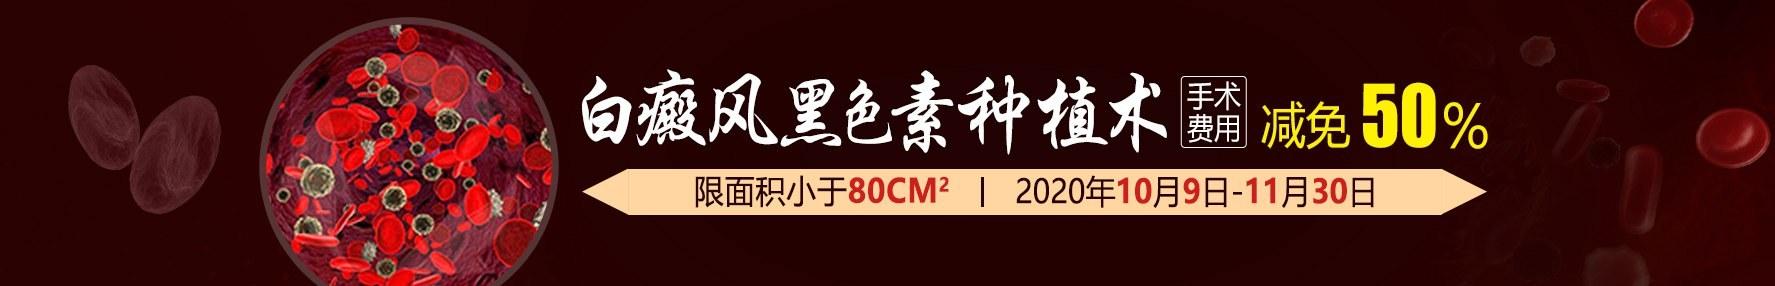 武汉白癜风医院